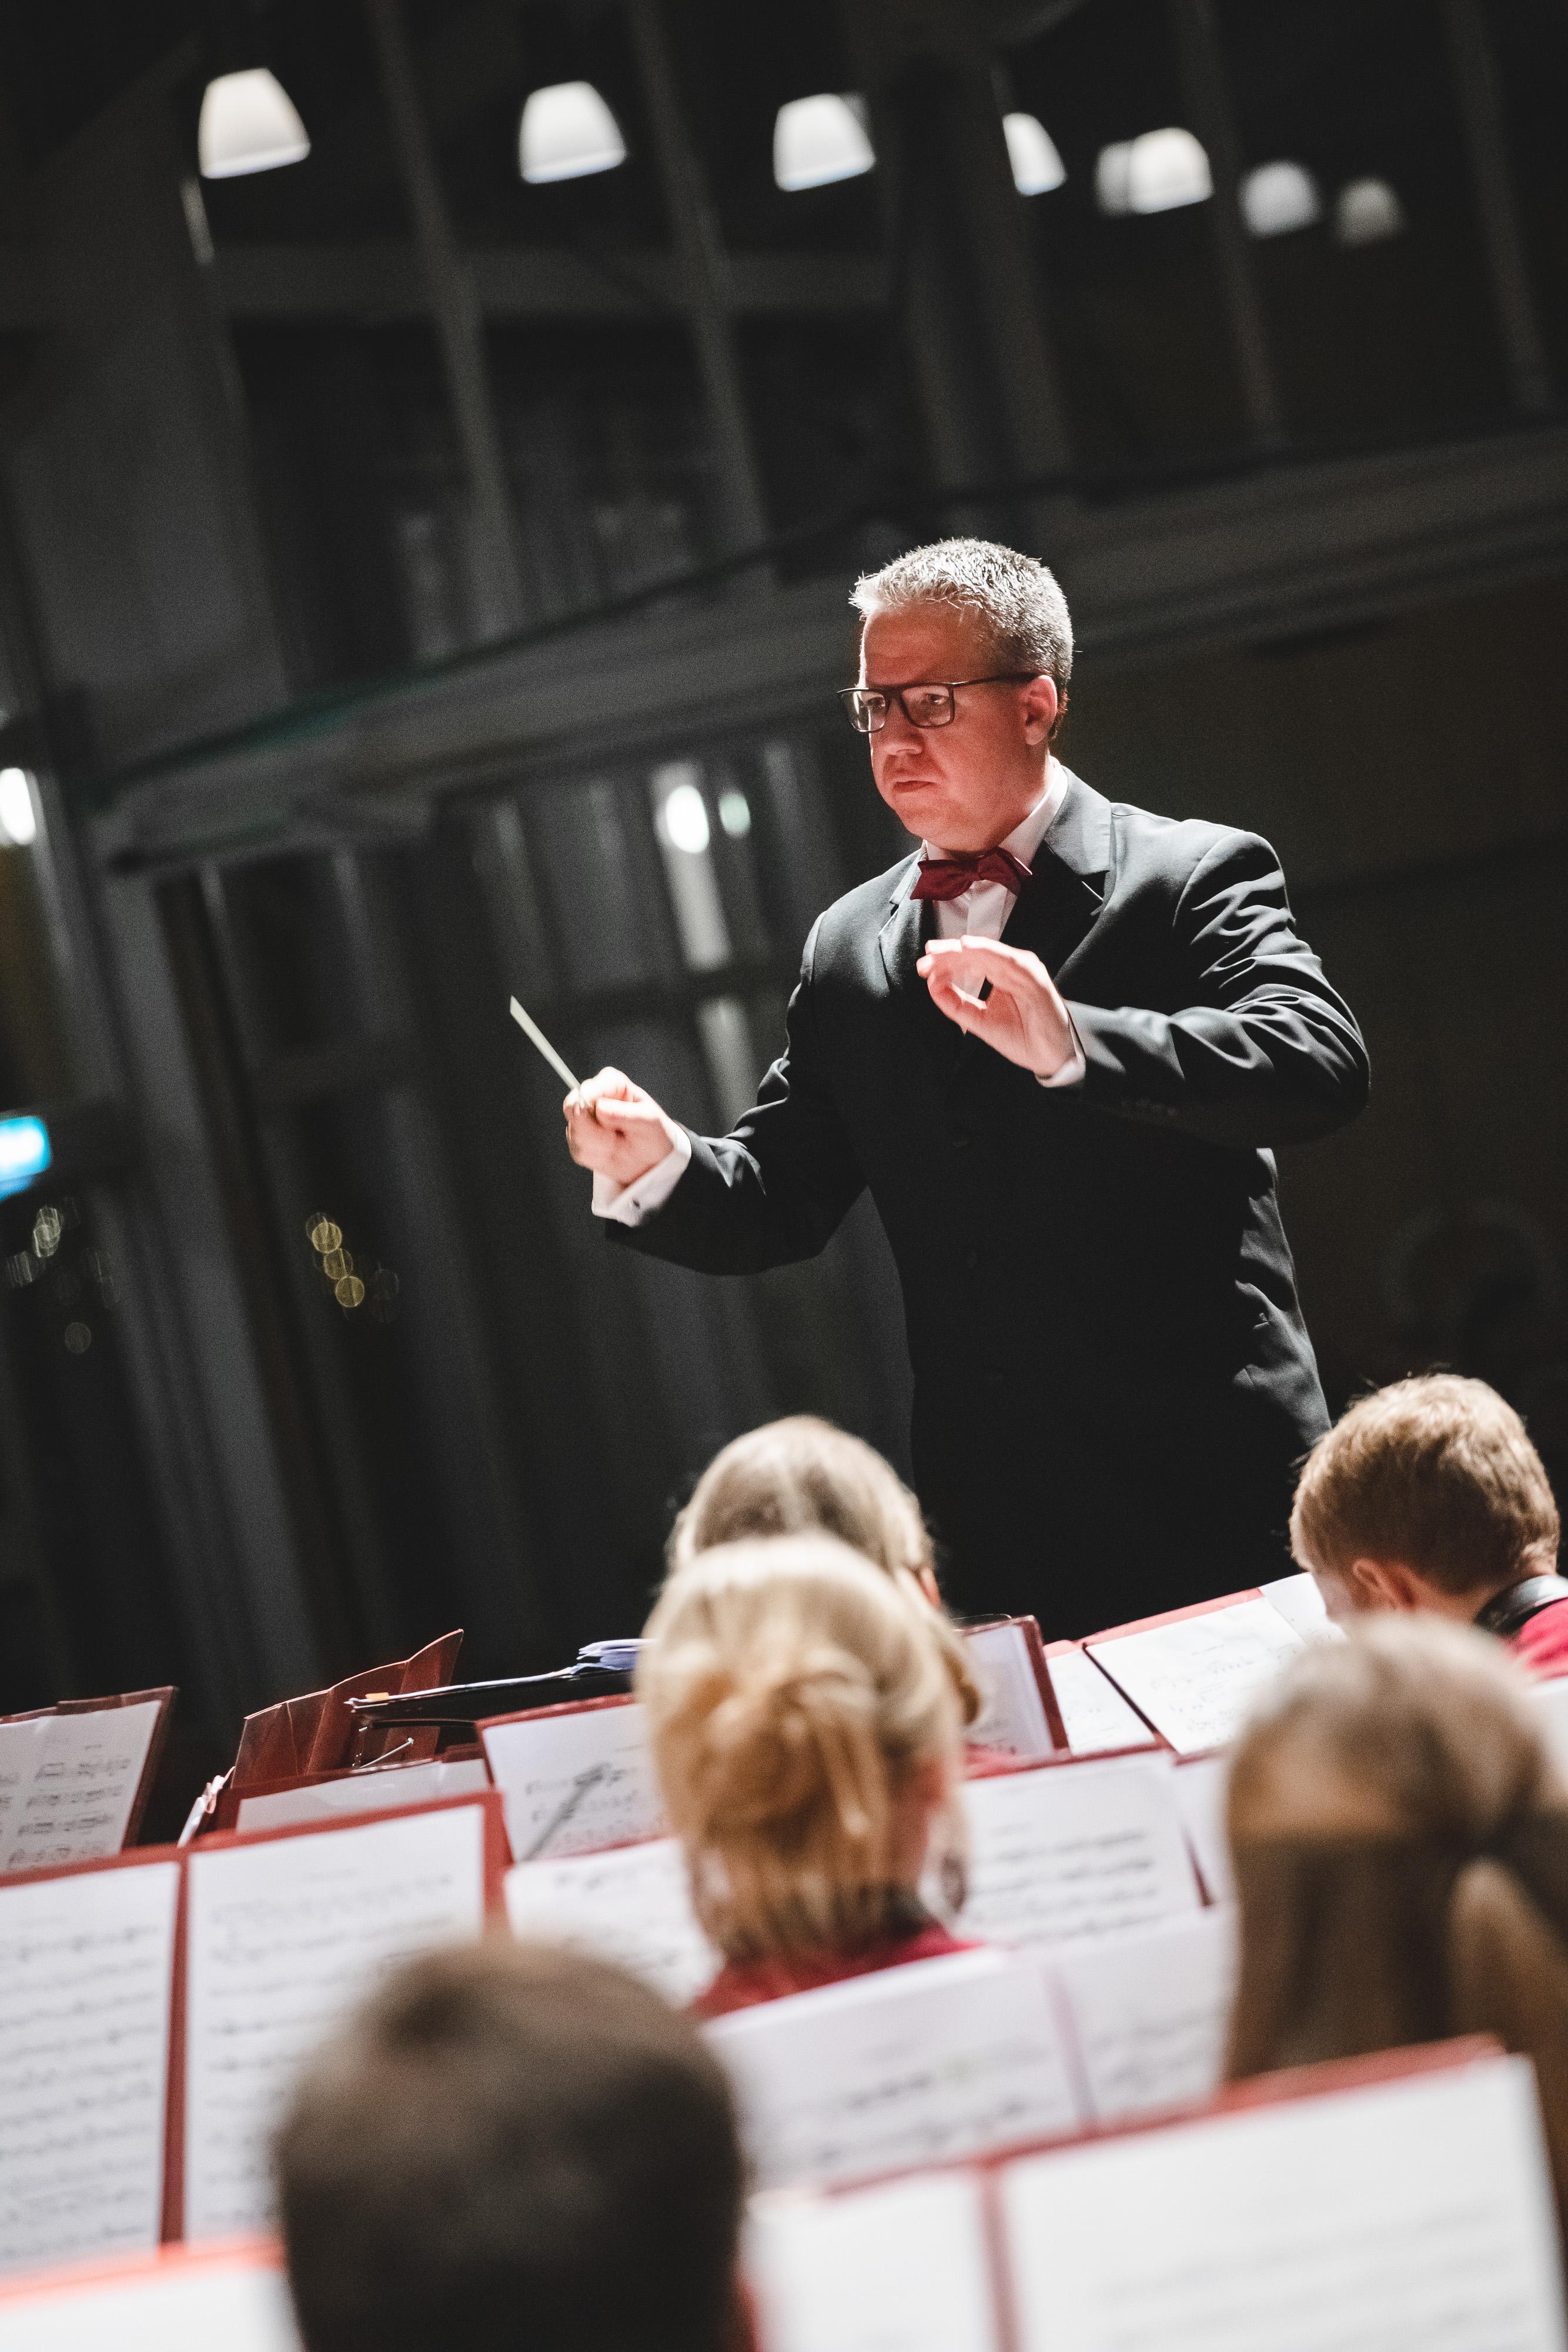 Als Dirigent gestalten Sie die Musik